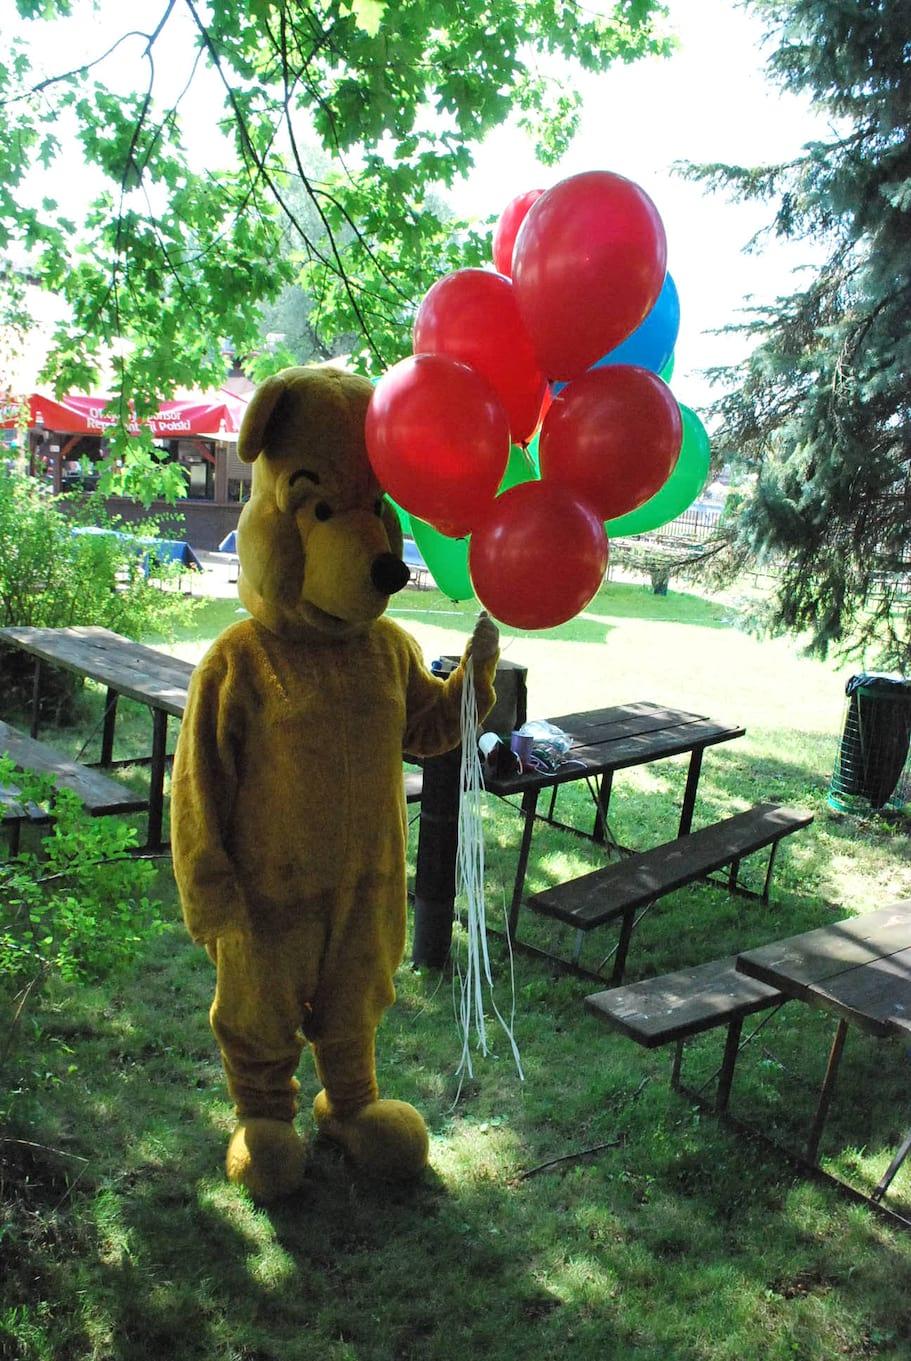 rozdawanie balonów w kostiumach